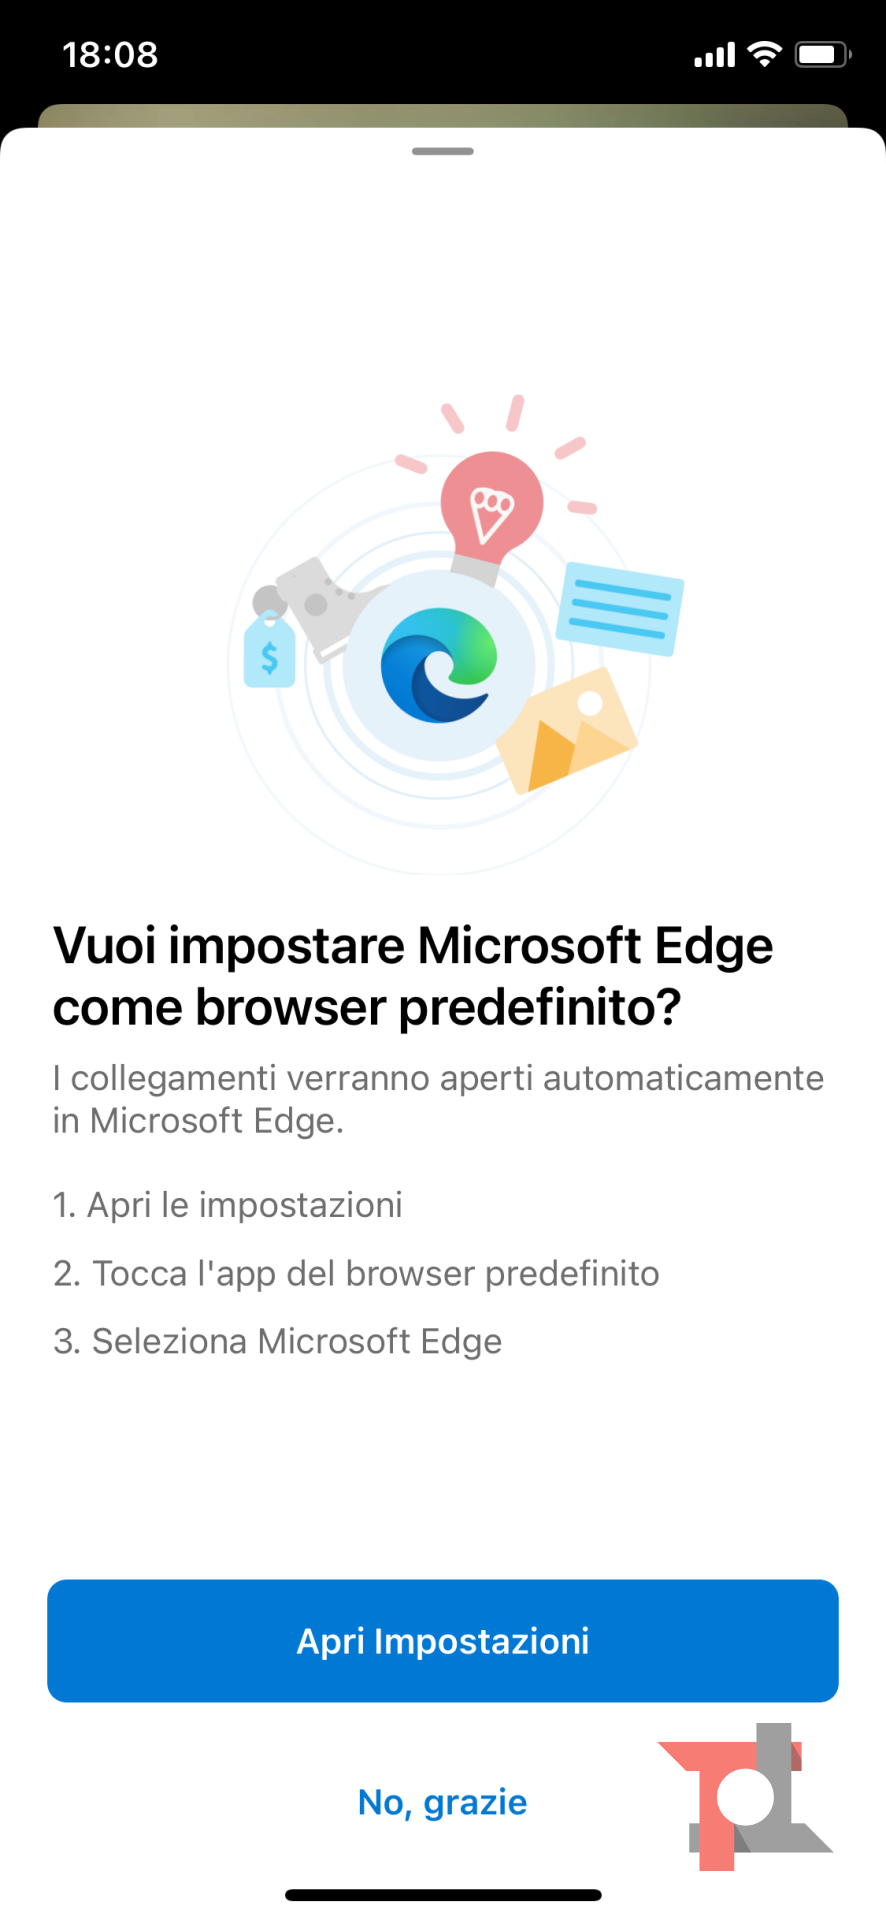 Come rendere predefiniti Microsoft Edge e Outlook su iOS 14 1